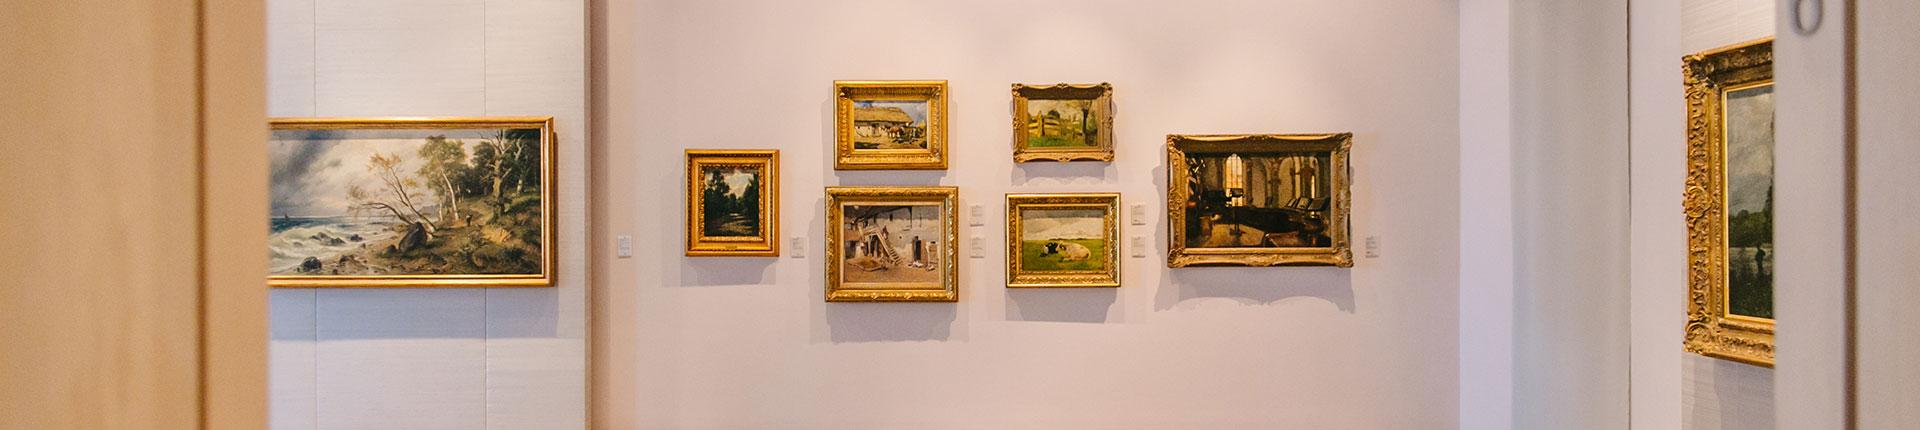 Gemäldegalerie im Pommerschen Landesmuseum